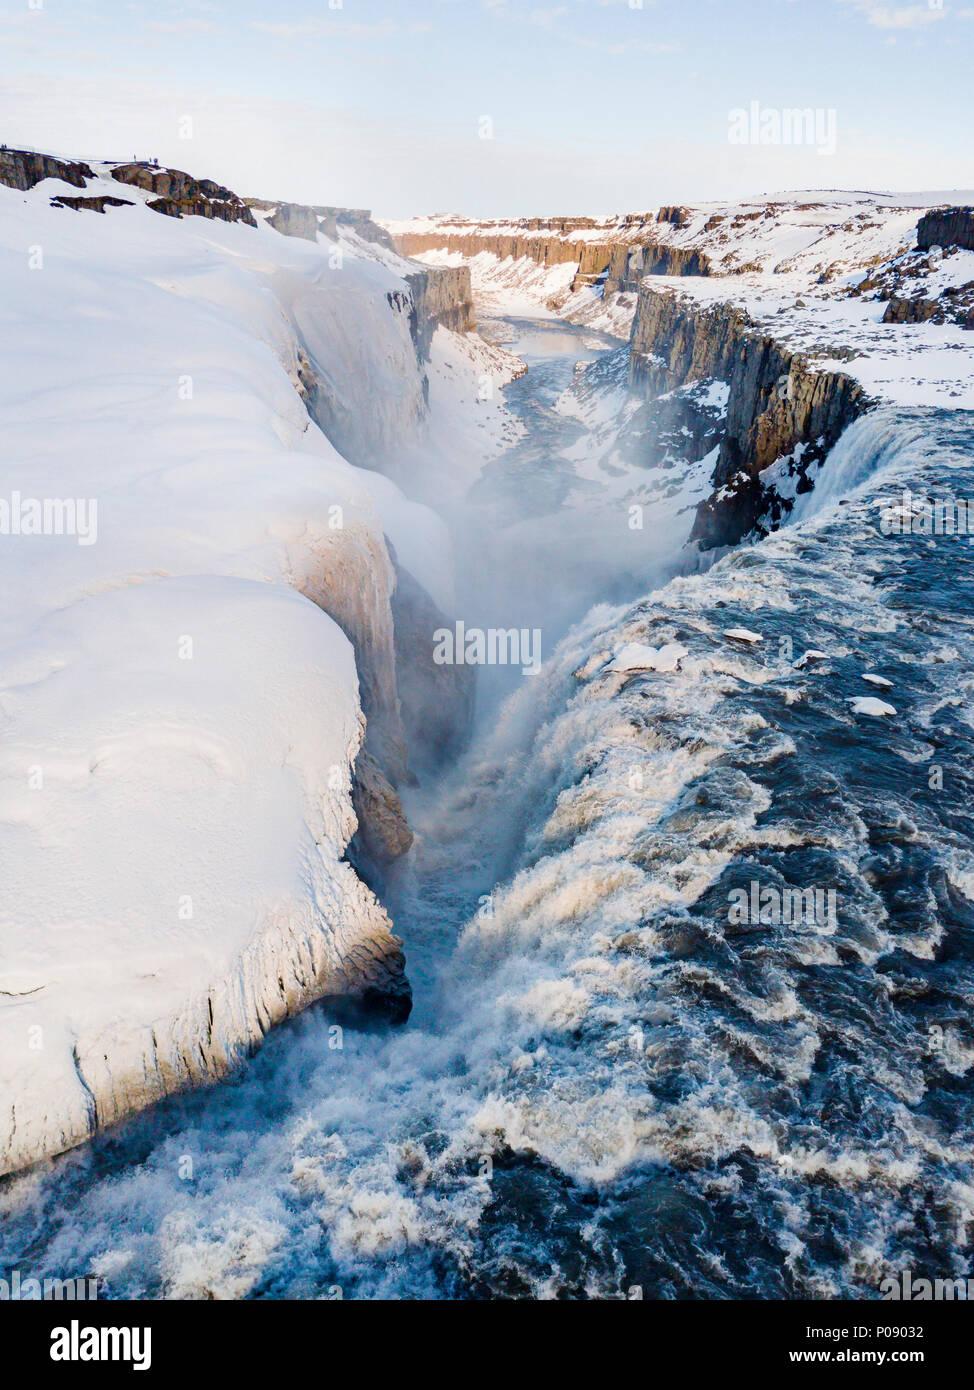 Luftaufnahme, verschneite Landschaft, Schlucht, Canyon mit fallenden Wassermassen Wasserfall Dettifoss, im Winter, Northern Island, Island Stockbild